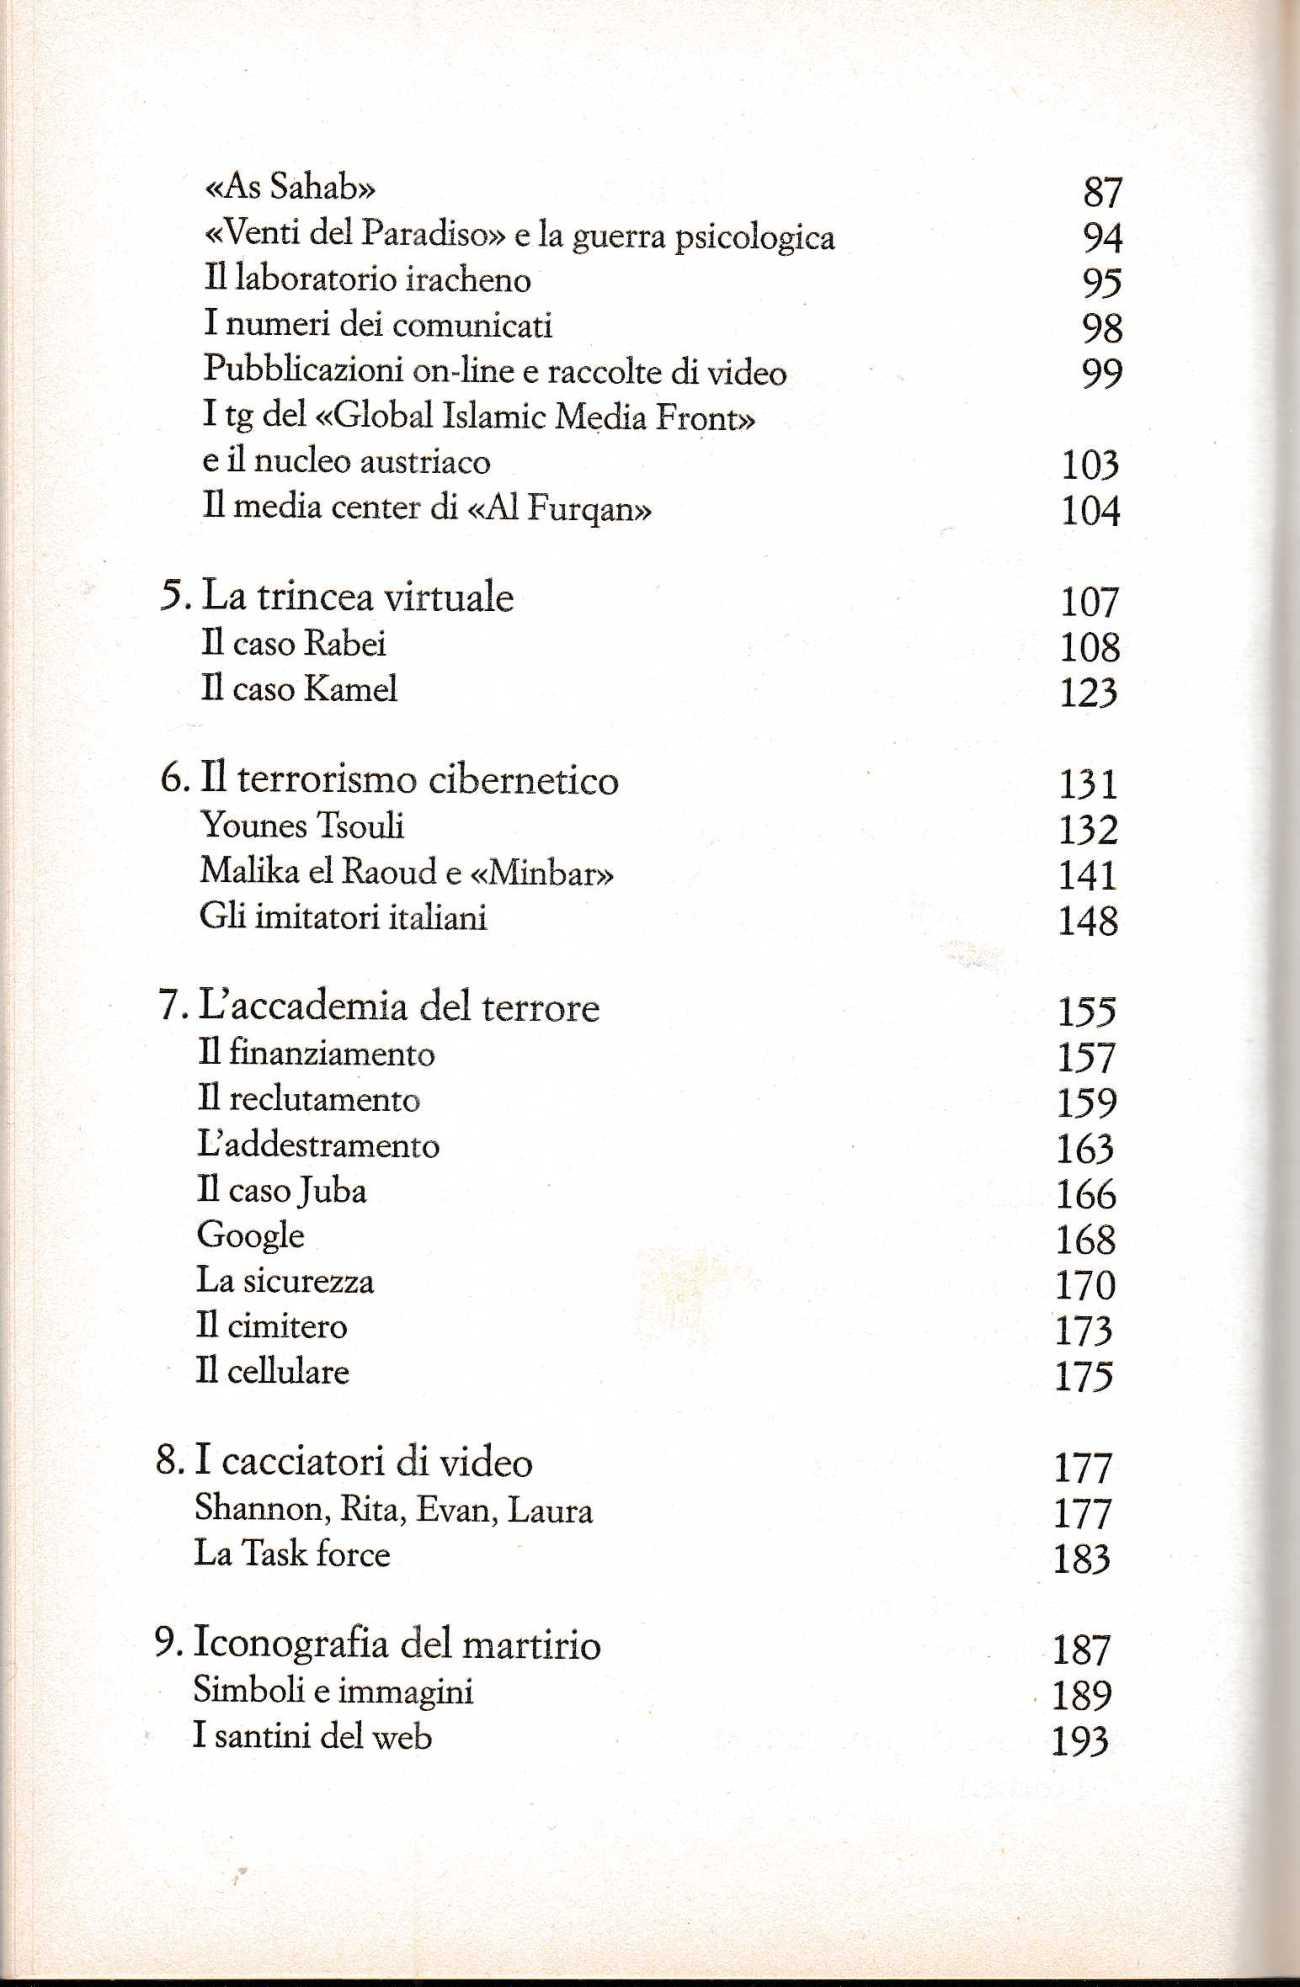 OLIMPIO2385